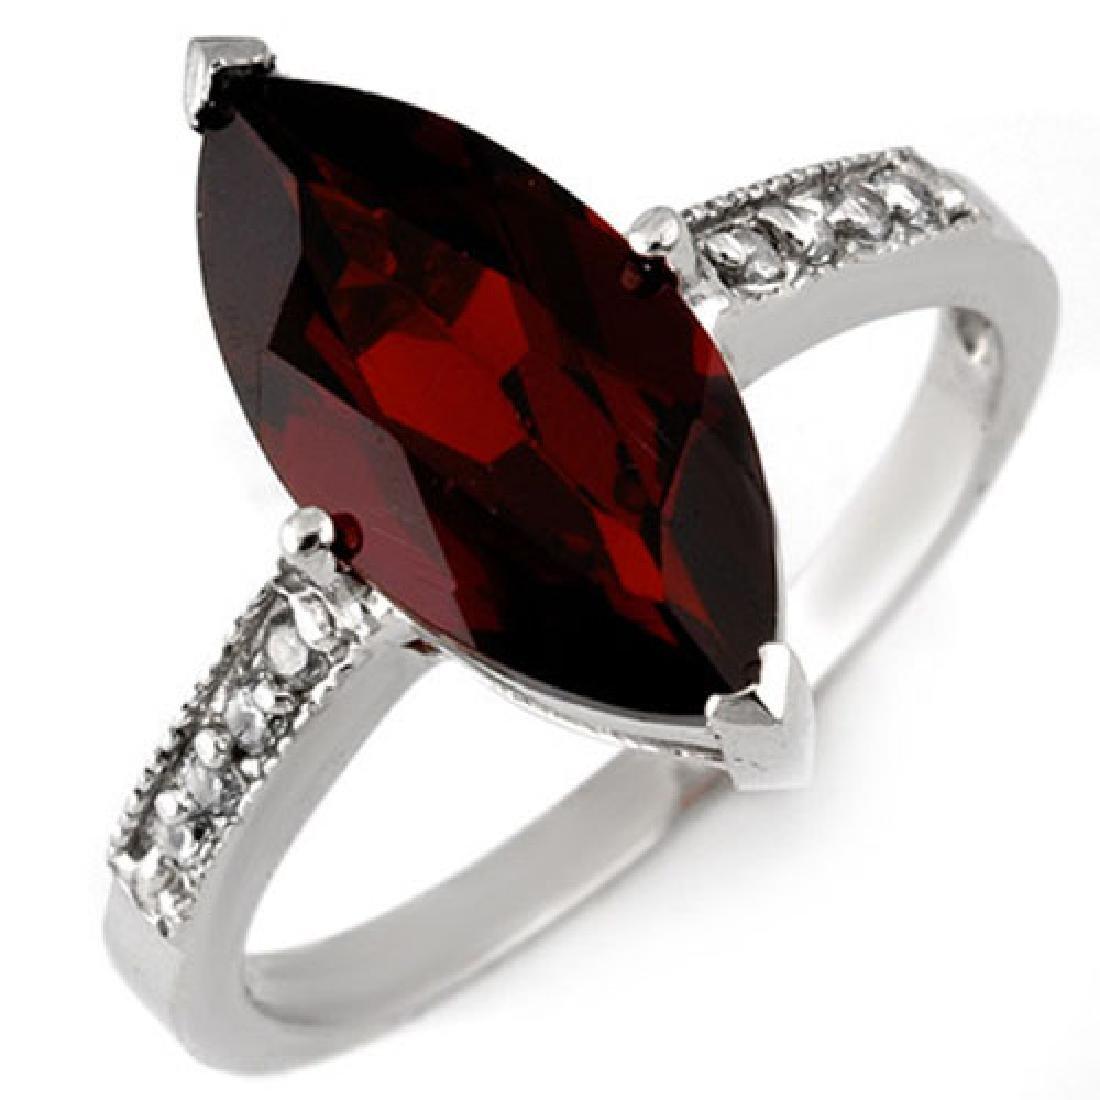 3.10 CTW Garnet & Diamond Ring 10K White Gold